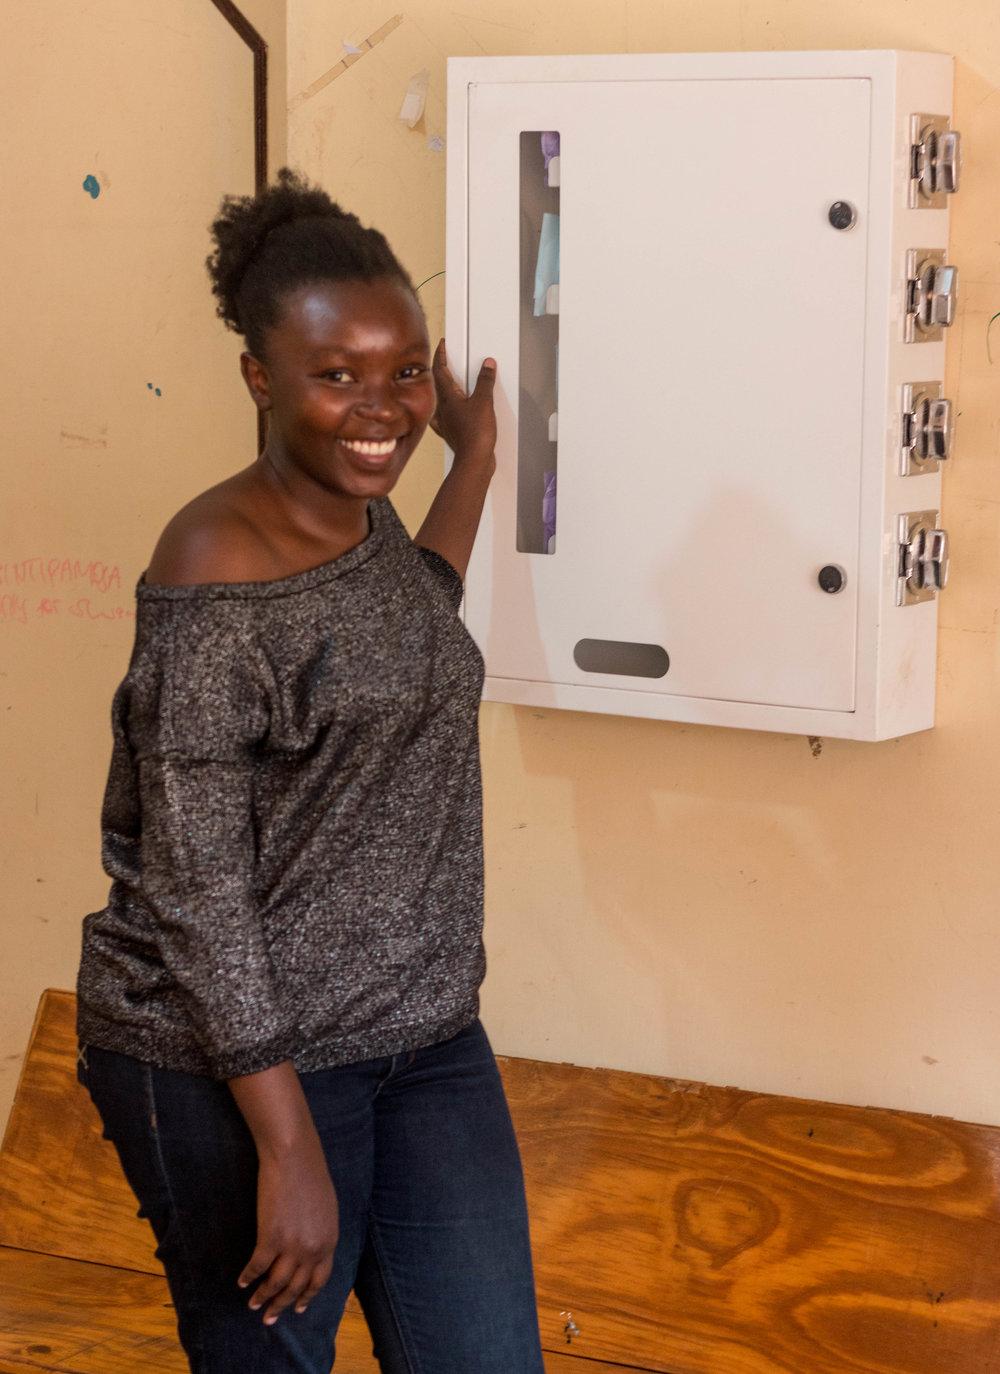 Esther Mwangi with the Evendo machine at Binti Pamoja in Kibera